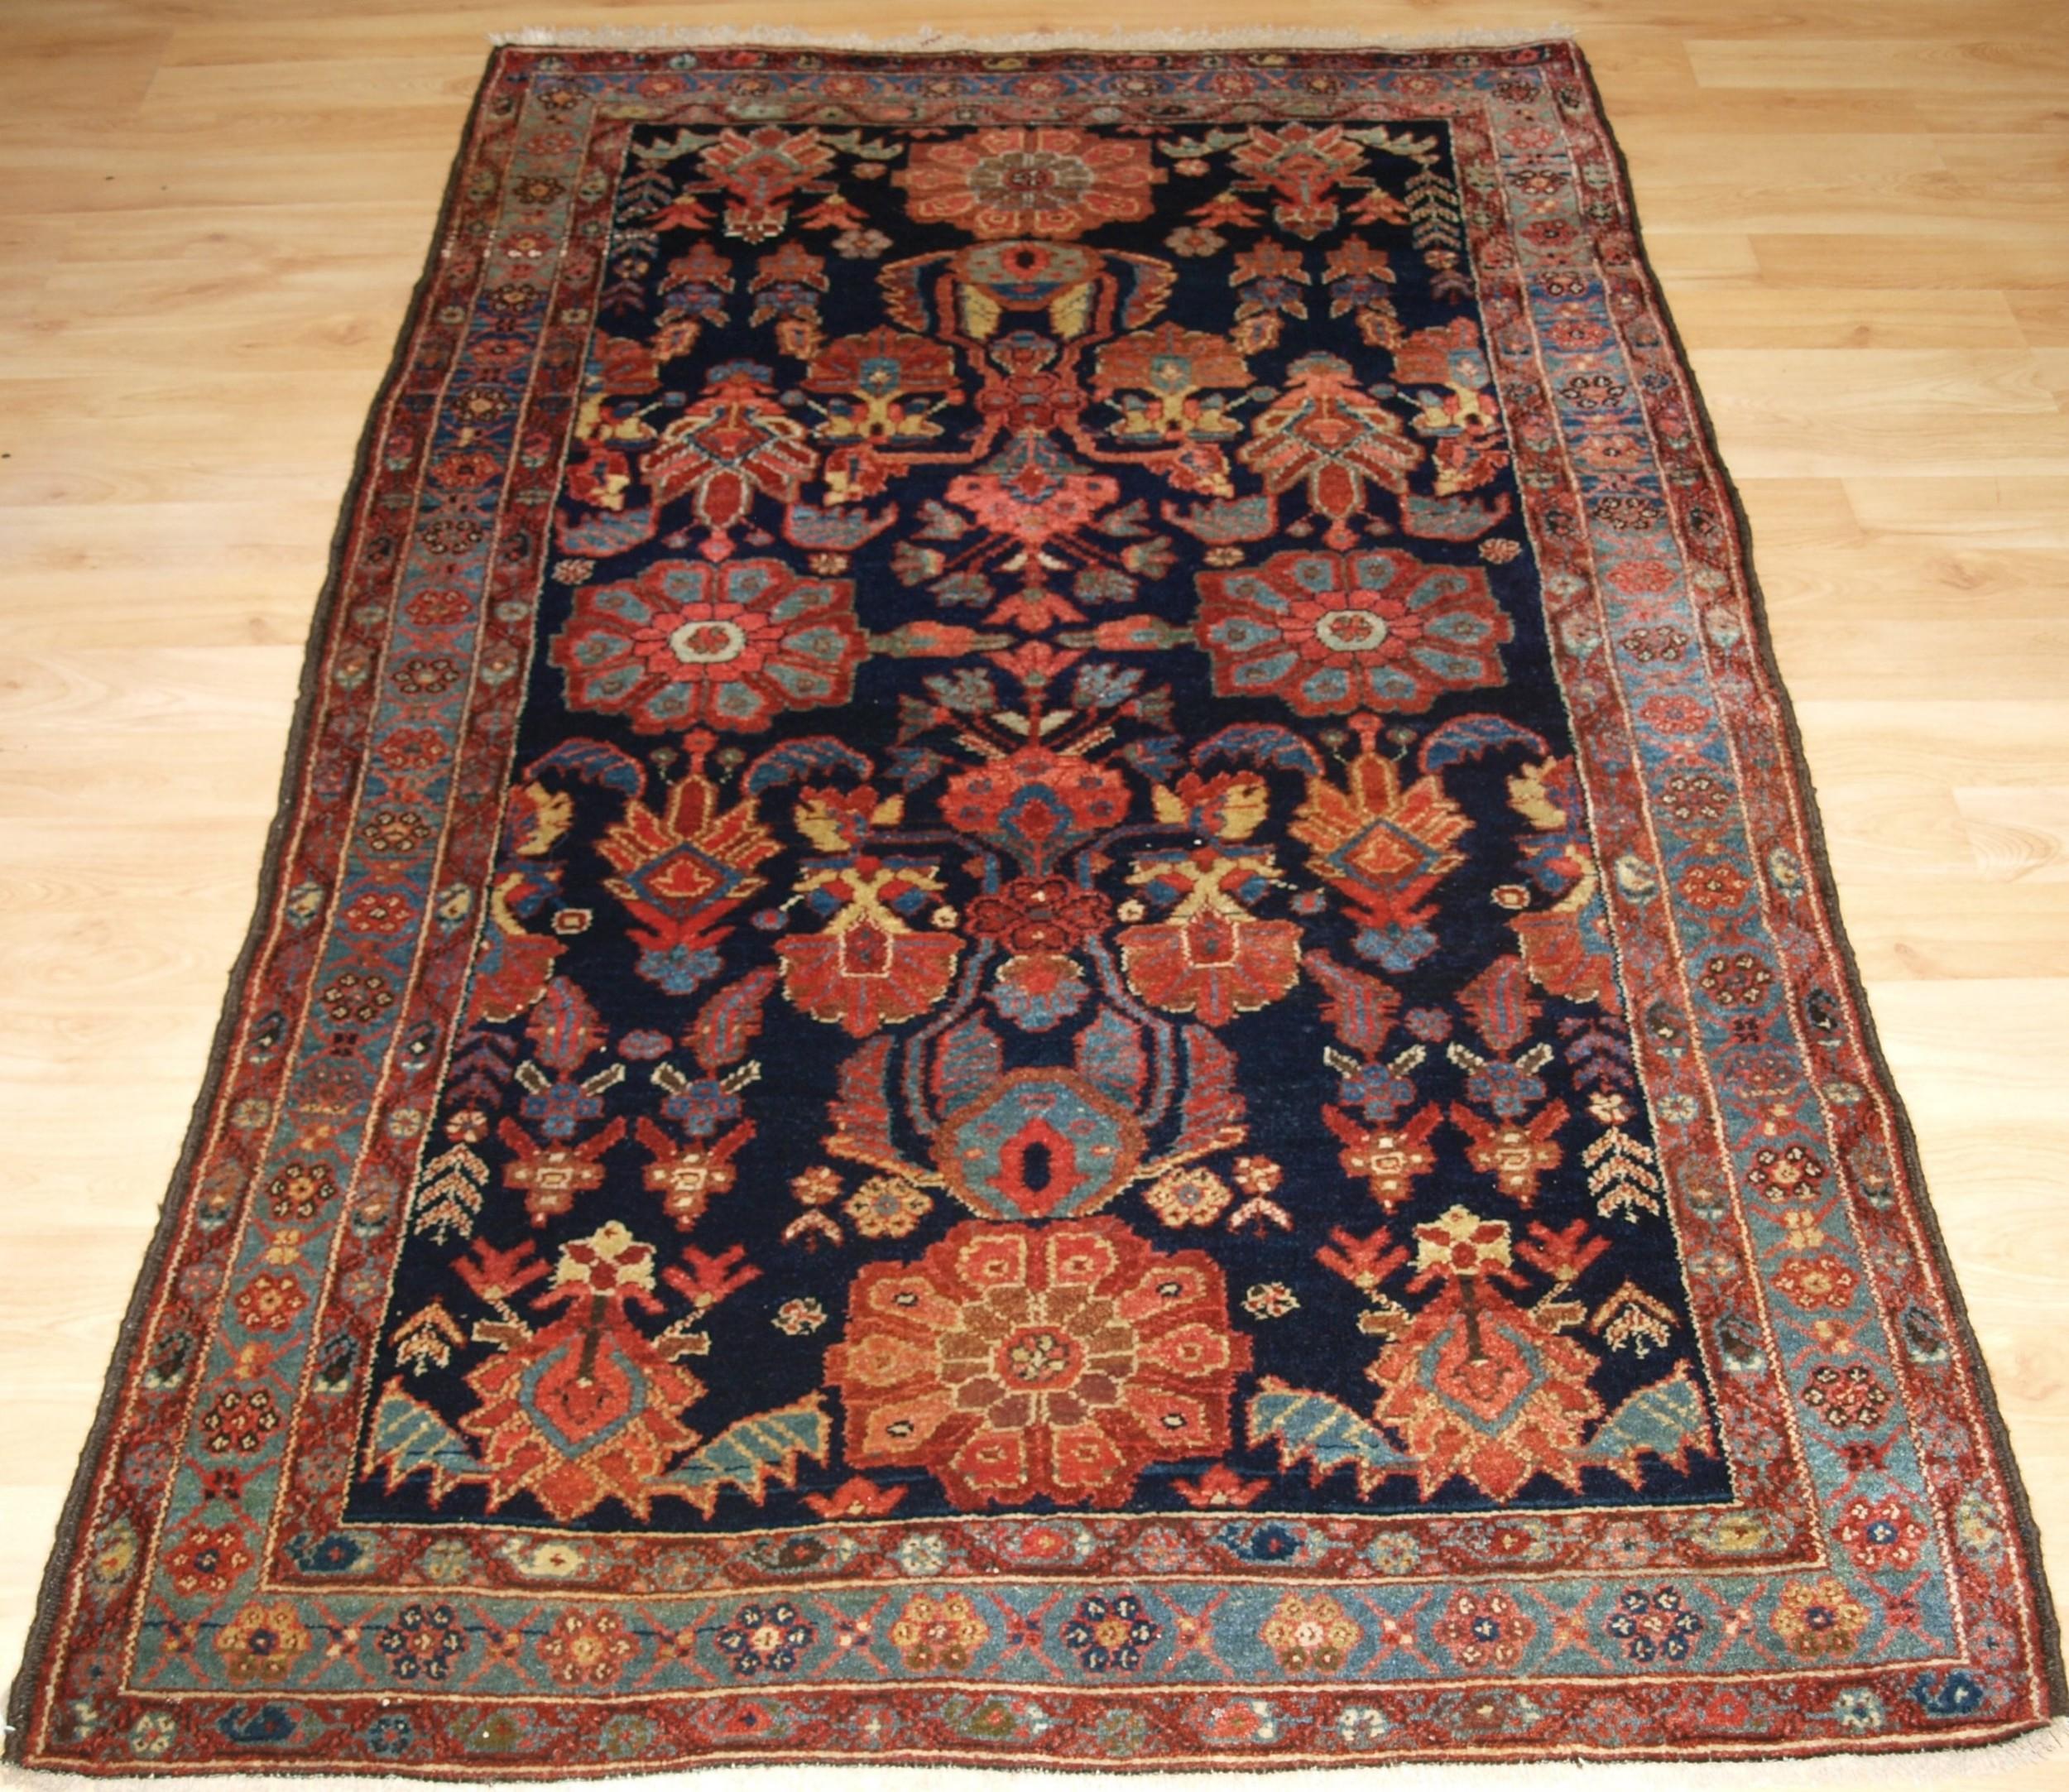 antique kurdish village rug striking design circa 1900